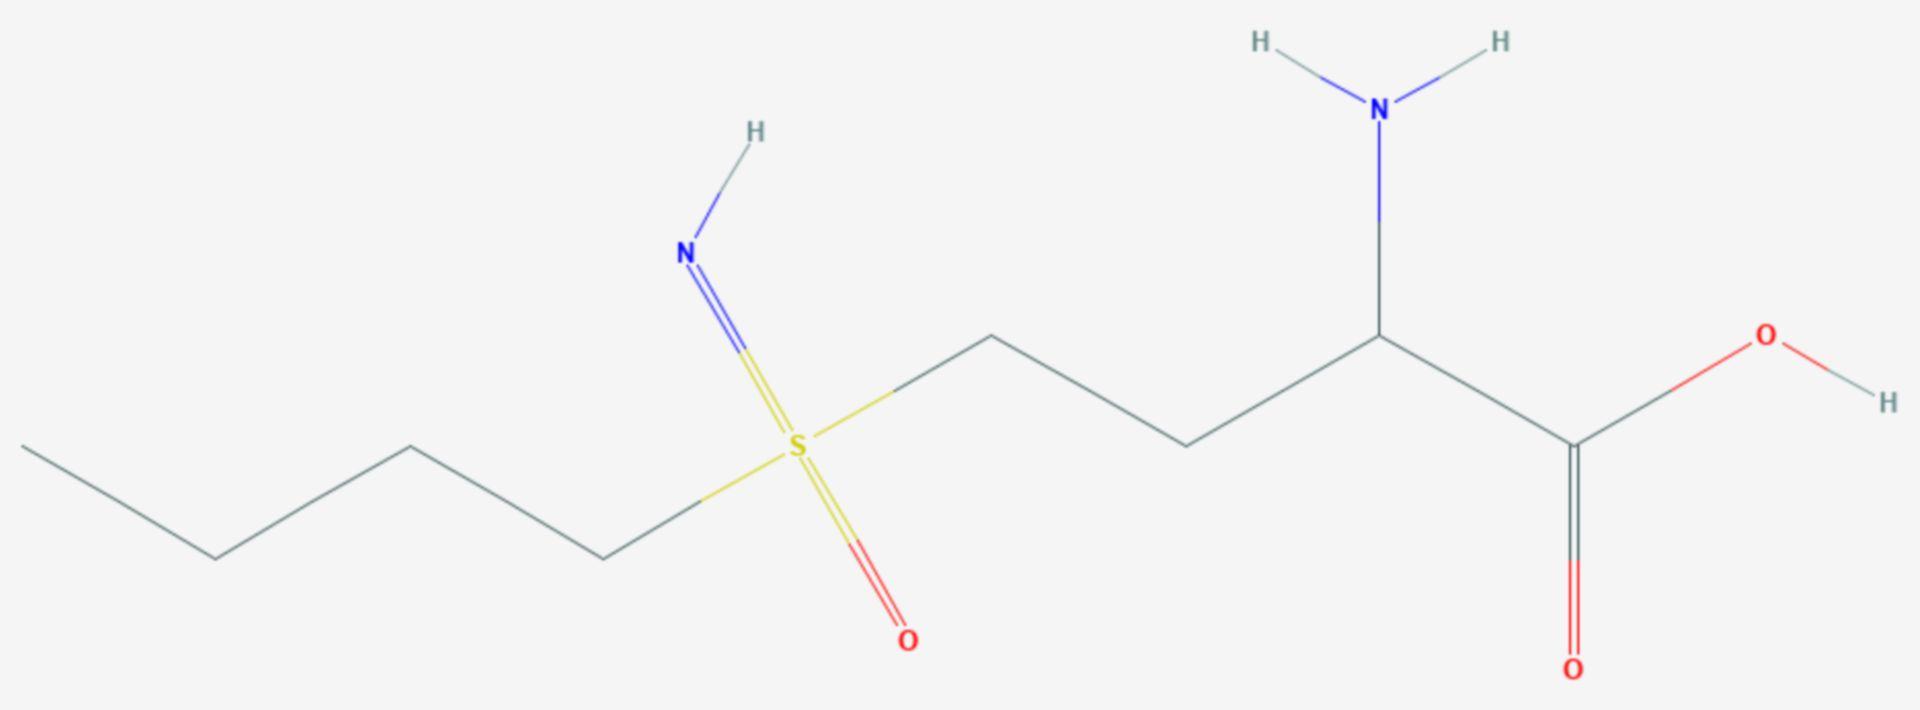 Buthioninsulfoximin (Strukturformel)